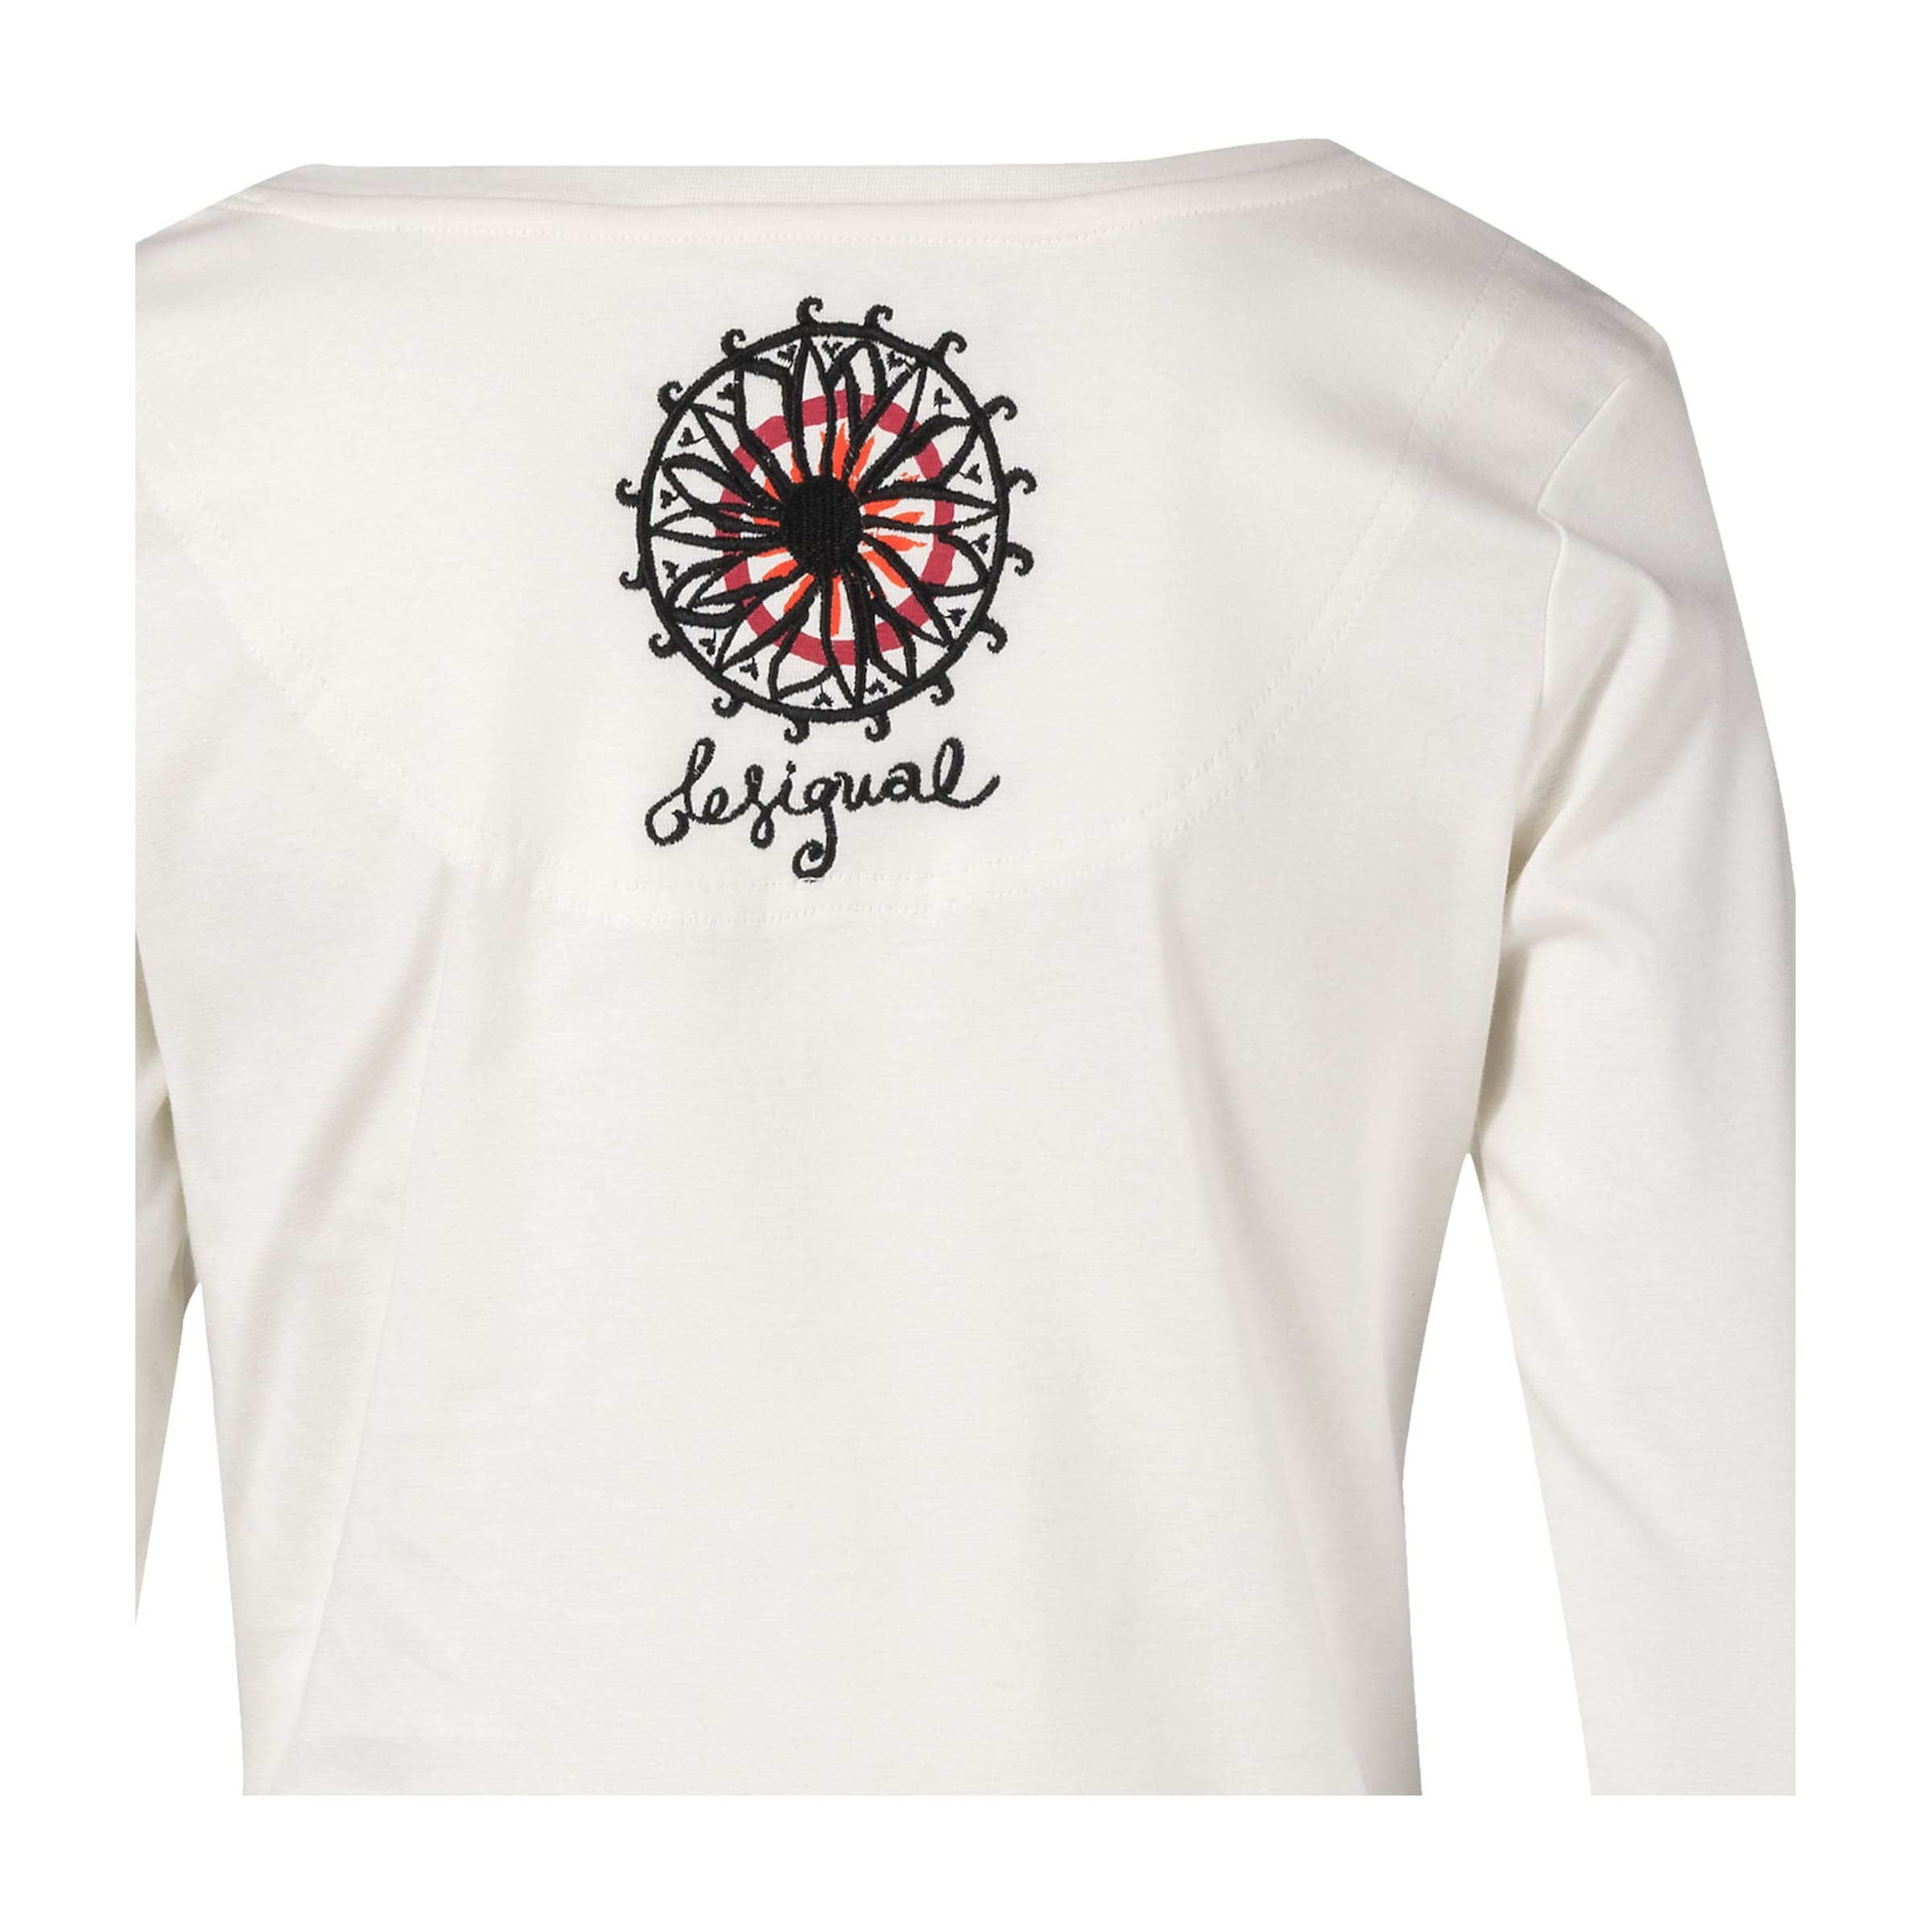 Günstig Kaufen Authentisch Zu Verkaufen Desigual 3/4-Arm-Shirt Rabatt 100% Authentische Freies Verschiffen Preiswerteste Genießen Zu Verkaufen CKg3RWVef